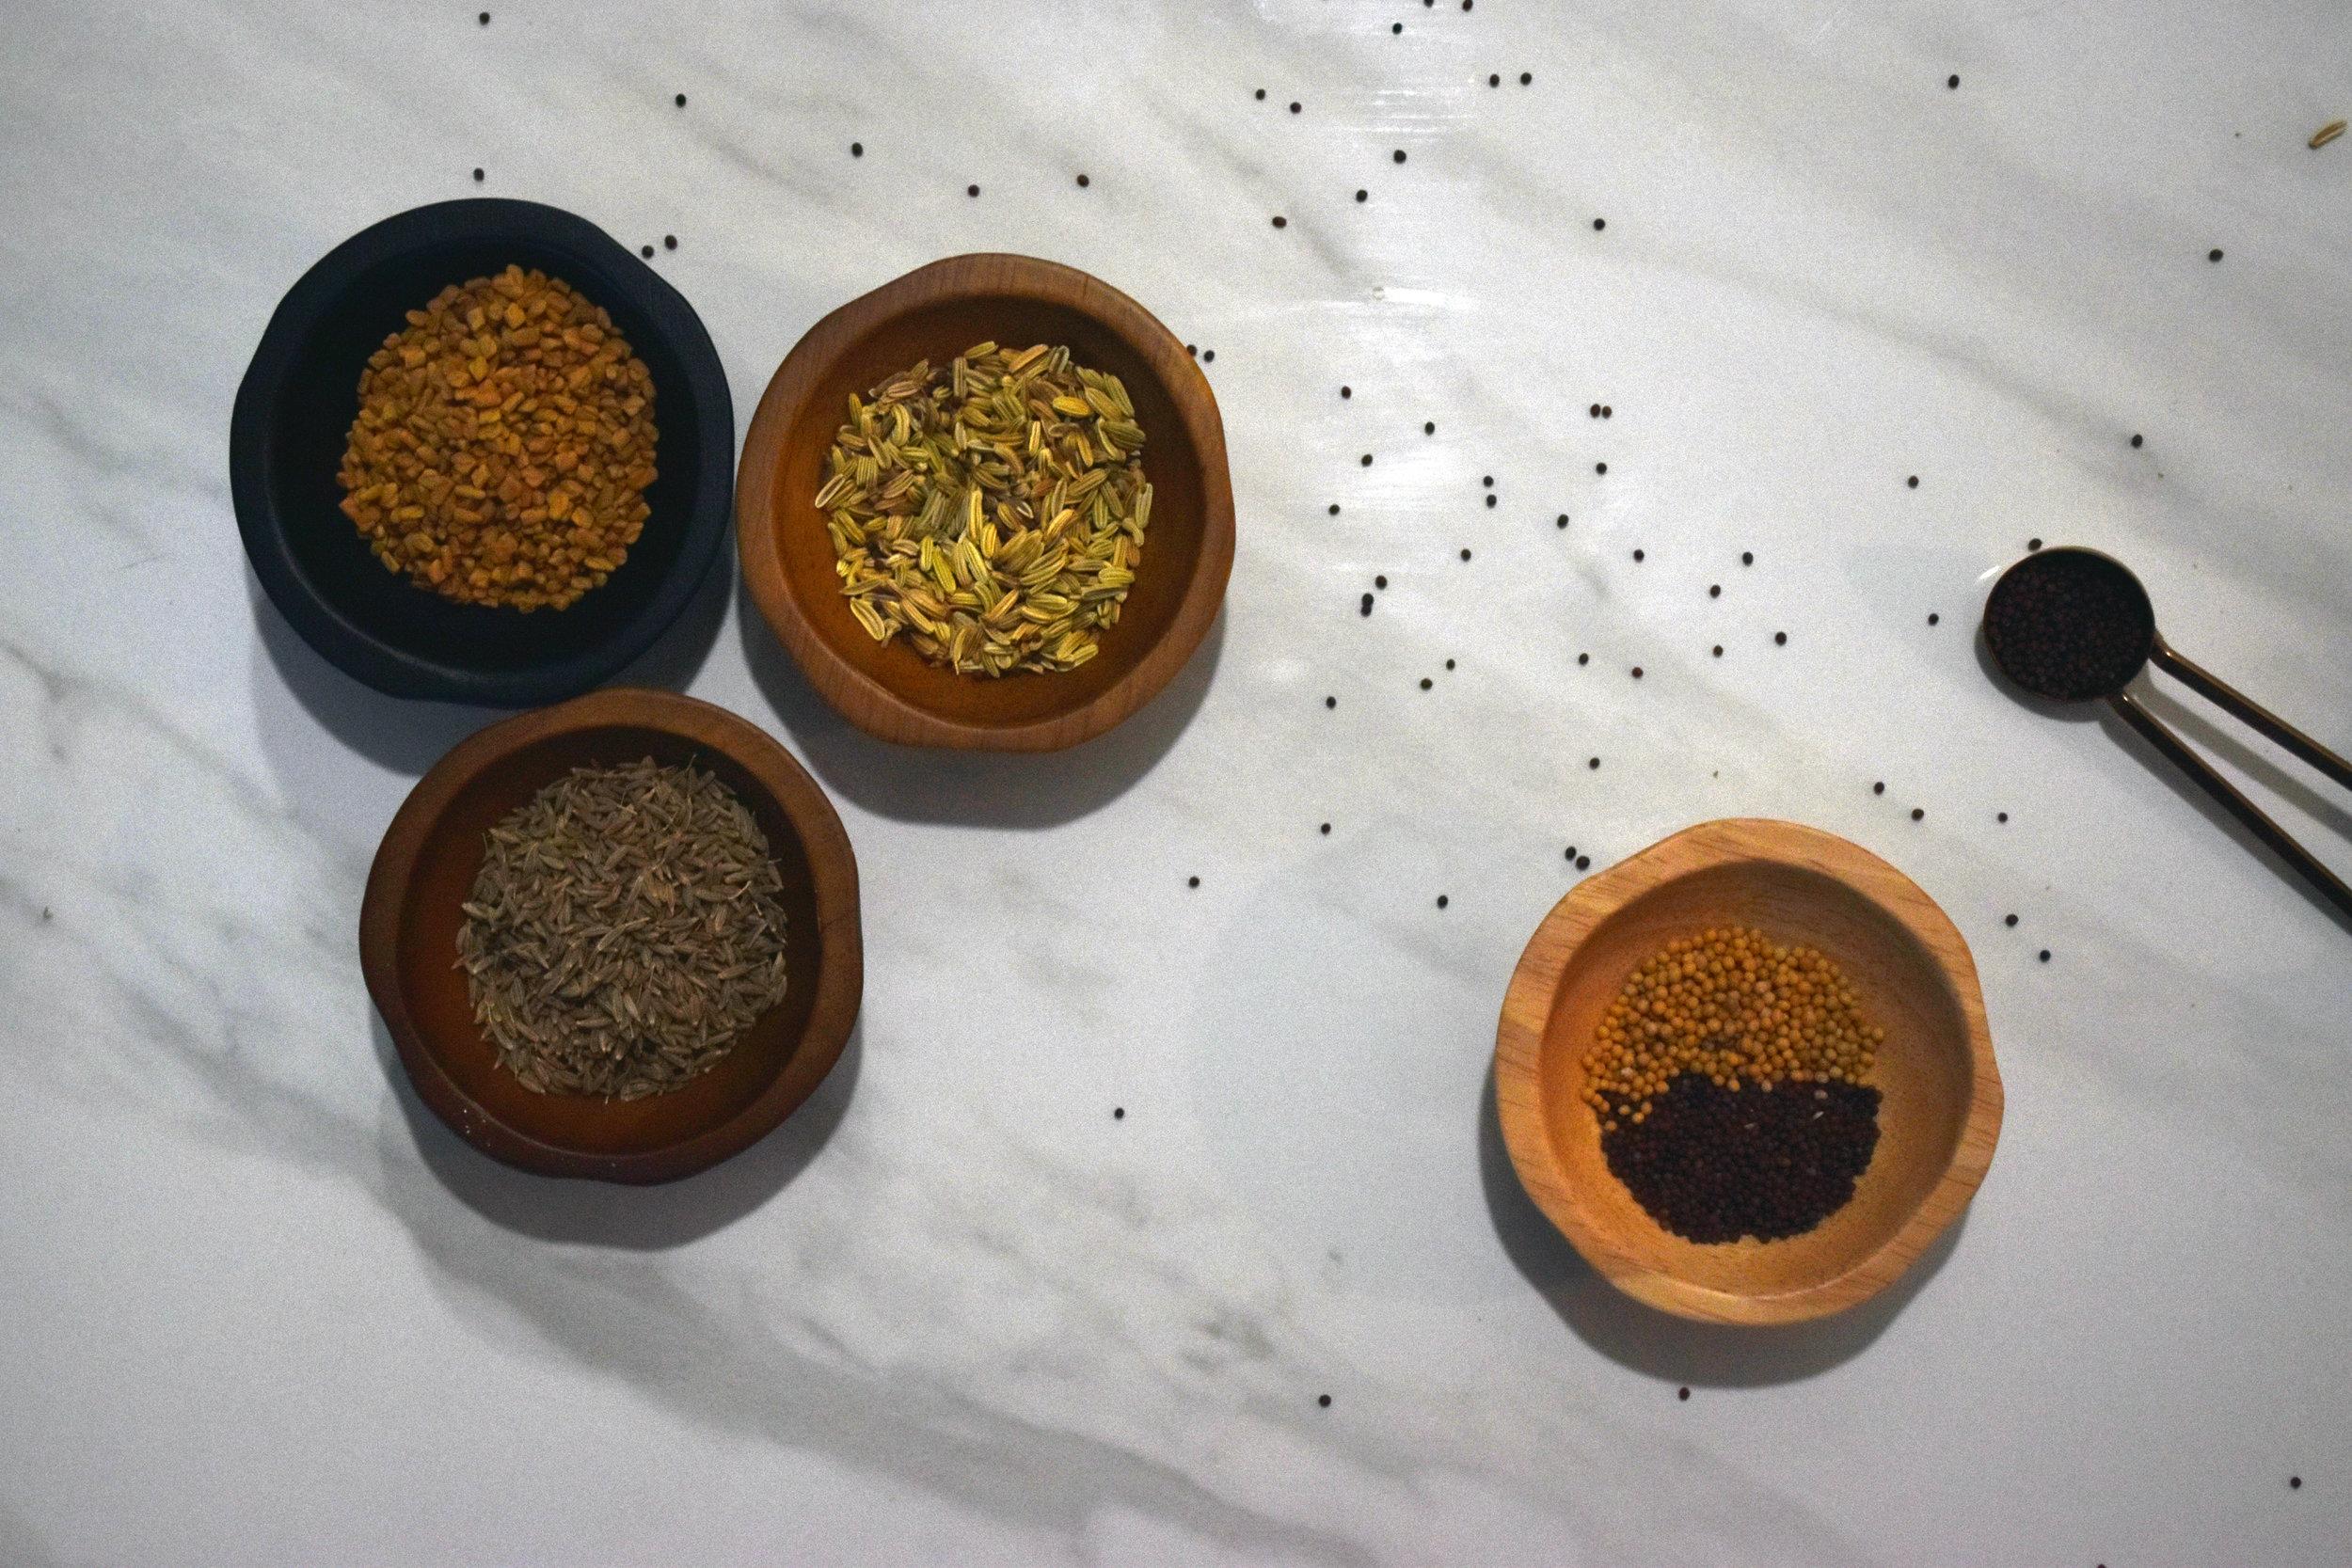 fennel, fenugreek, mustard, cumin - seedy little buggers